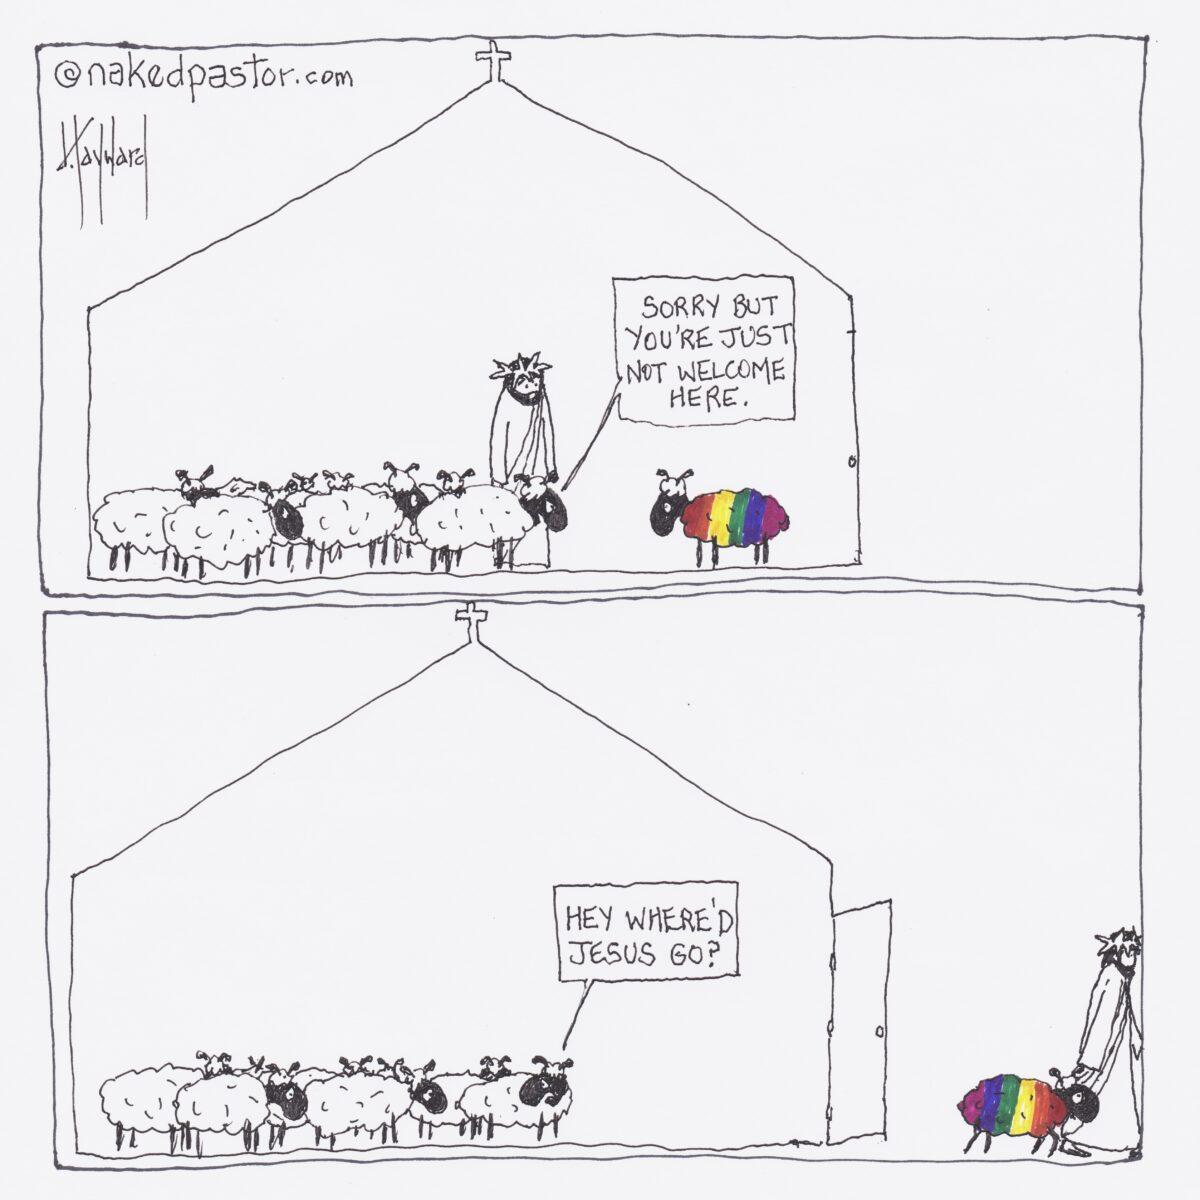 """Panel 1: Ein weißes Schaf sagt zu einem LGBT-Schaf in der Kirche: Tut mir leid, aber du bist hier nicht wilkommen. Jesus steht dabei und schaut zu. Panel 2: Jesus und das LGBT-Schaf verlassen die Kirche. Das weiße Schaf sagt """"Hey, wo ist den Jesus hingegangen?"""""""